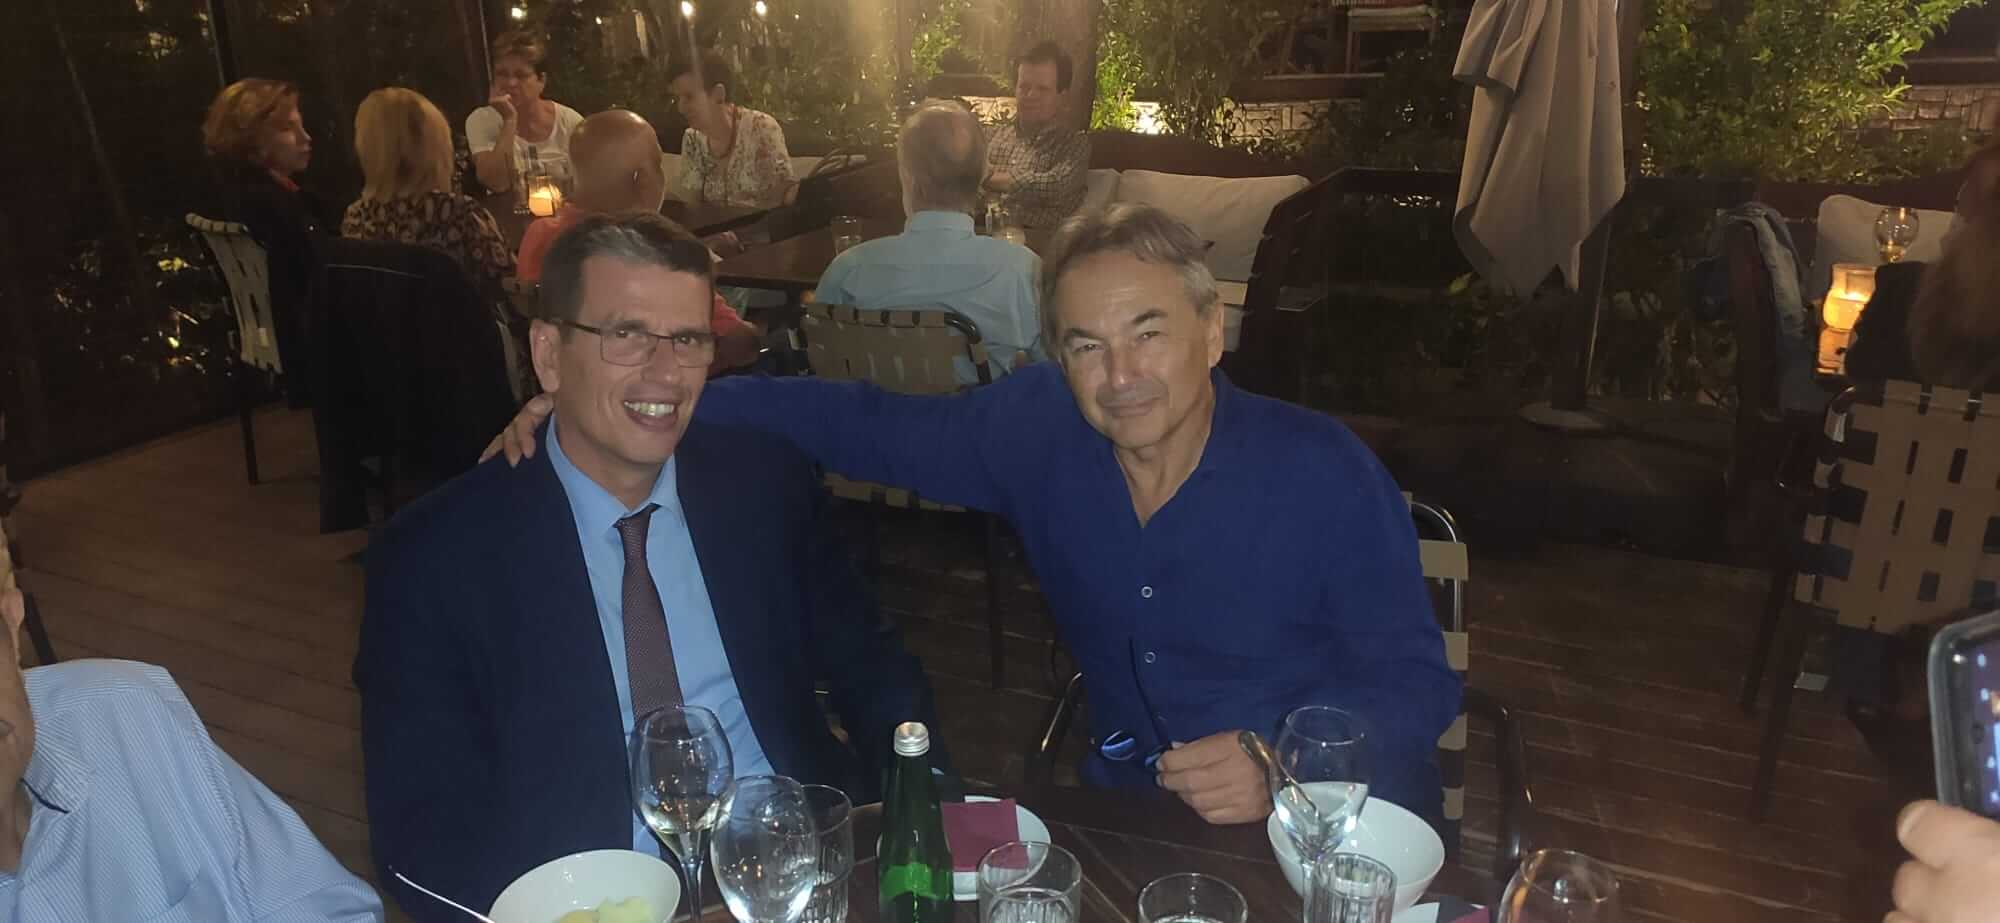 Ο αξιότιμος κ. Ζιλ Κεπέλ, η Γαλλία κι εμείς